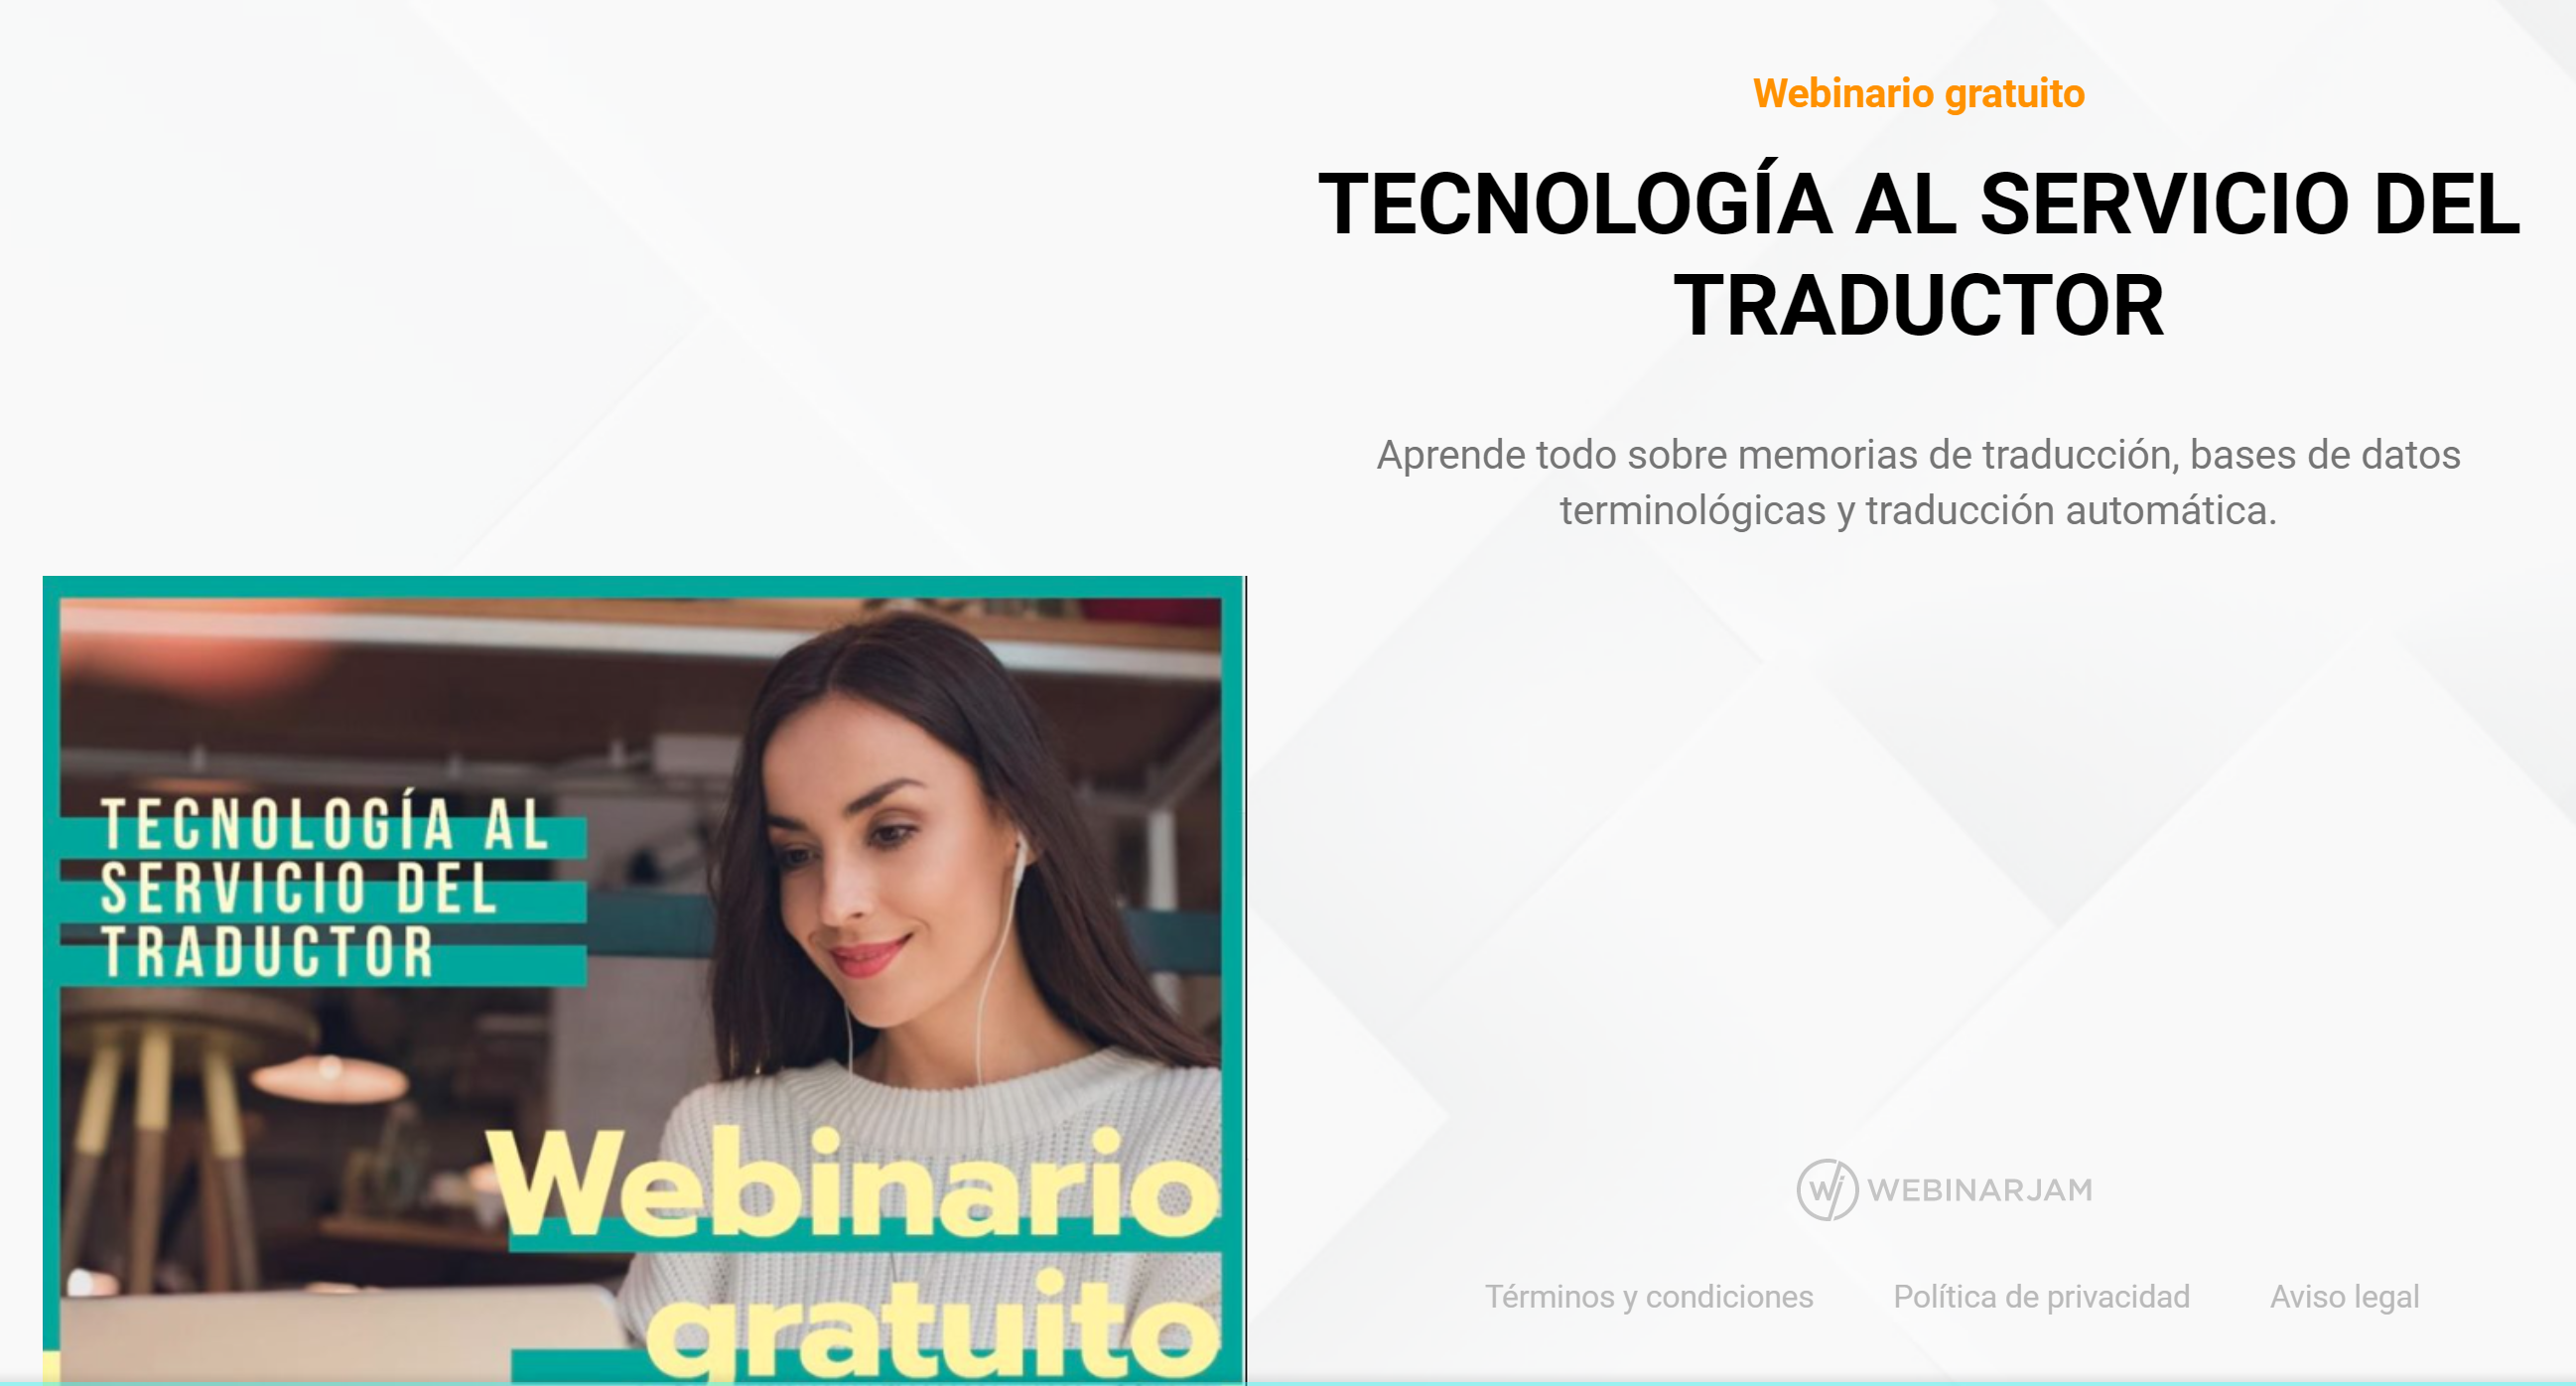 TRADOS TECNOLOGÍA AL SERVICIO DEL TRADUCTOR